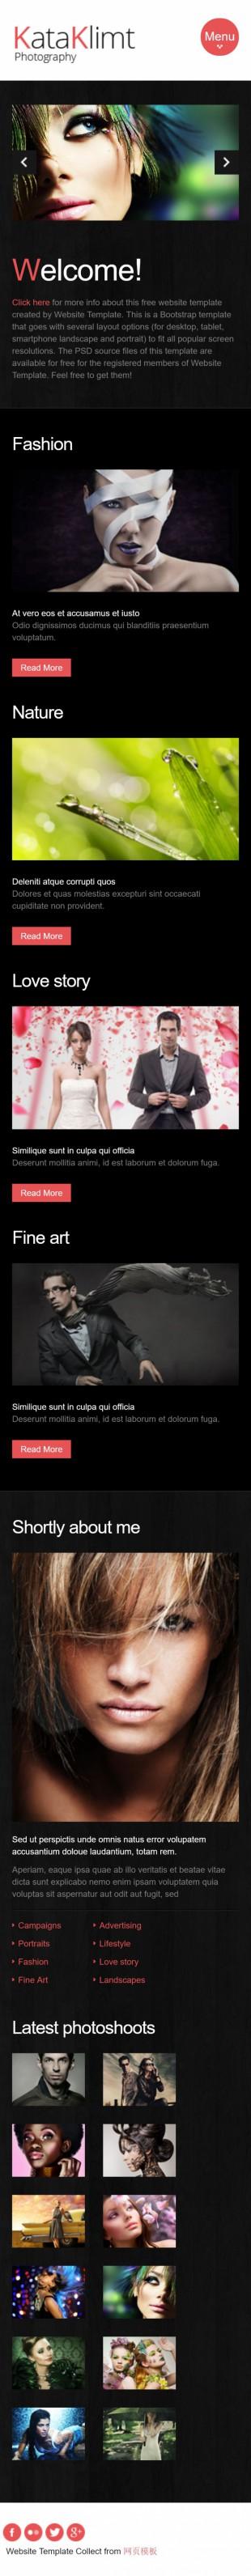 黑色扁平化服装设计企业英文网站制作模板手机图片